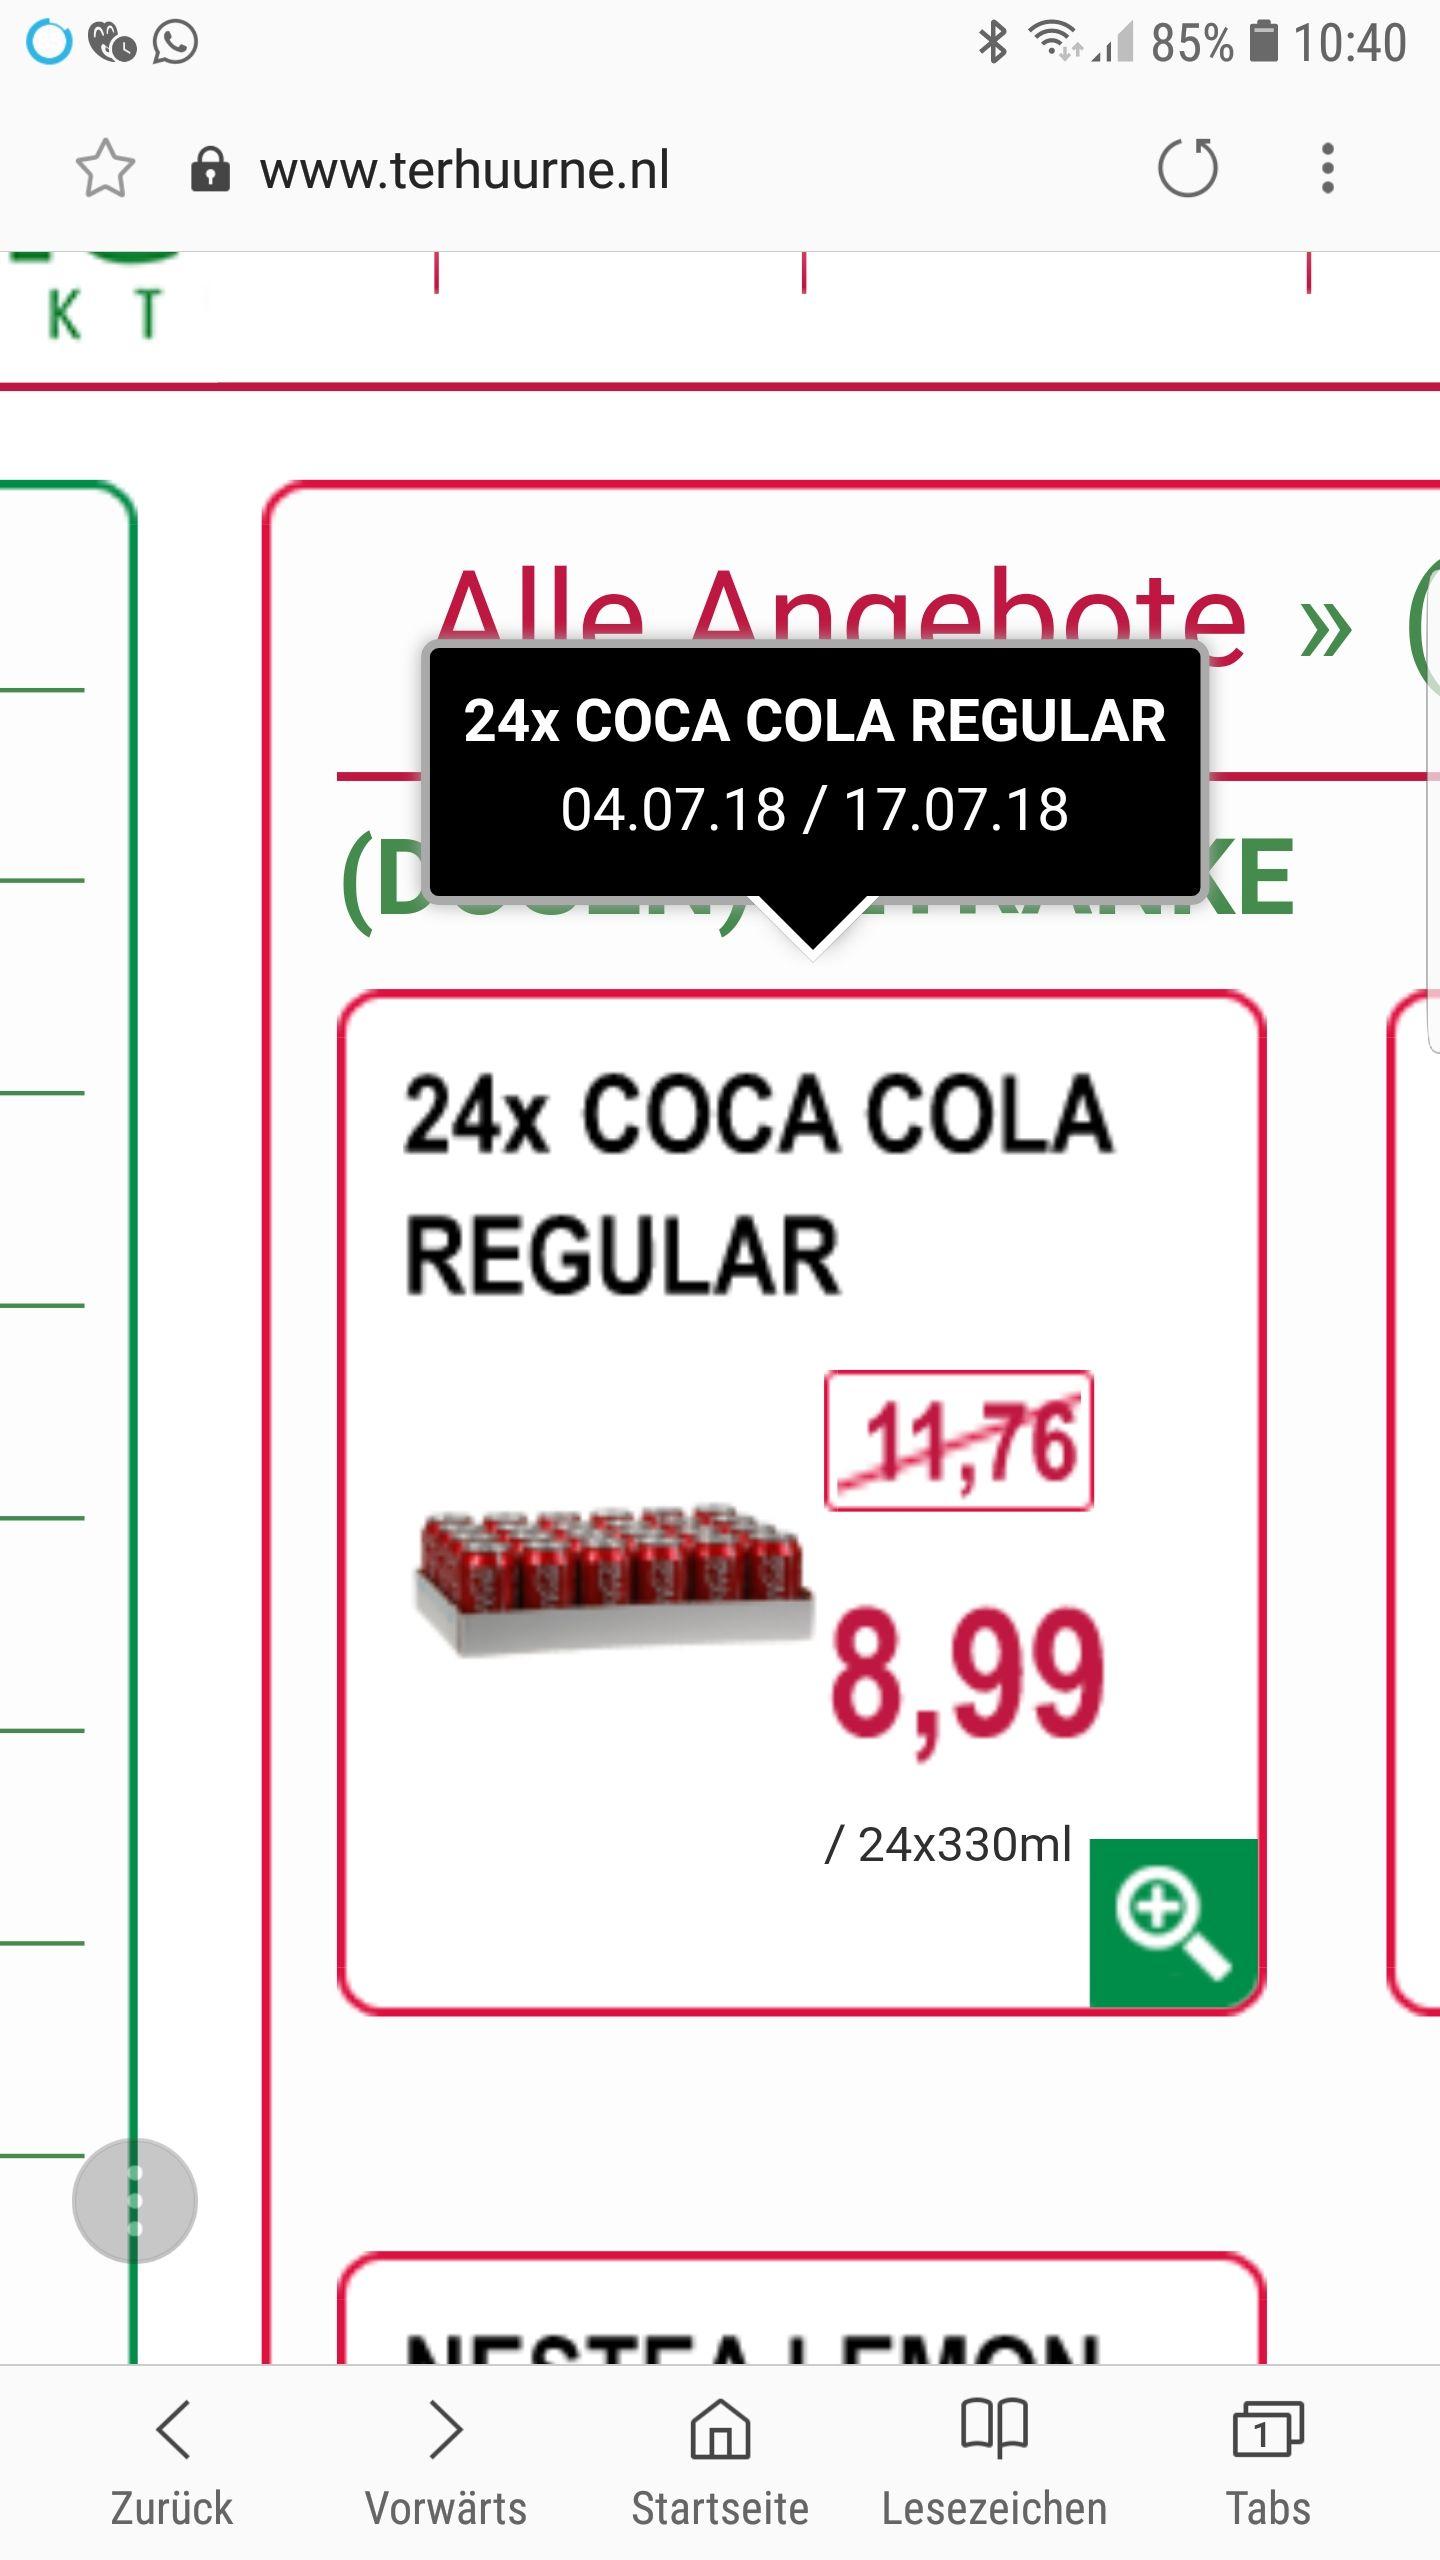 Grenzgänger D/NL  24 Coca-Cola Dosen für 8,99€ ohne Pfand(NL kein Pfand)! 0,37€/Büchse